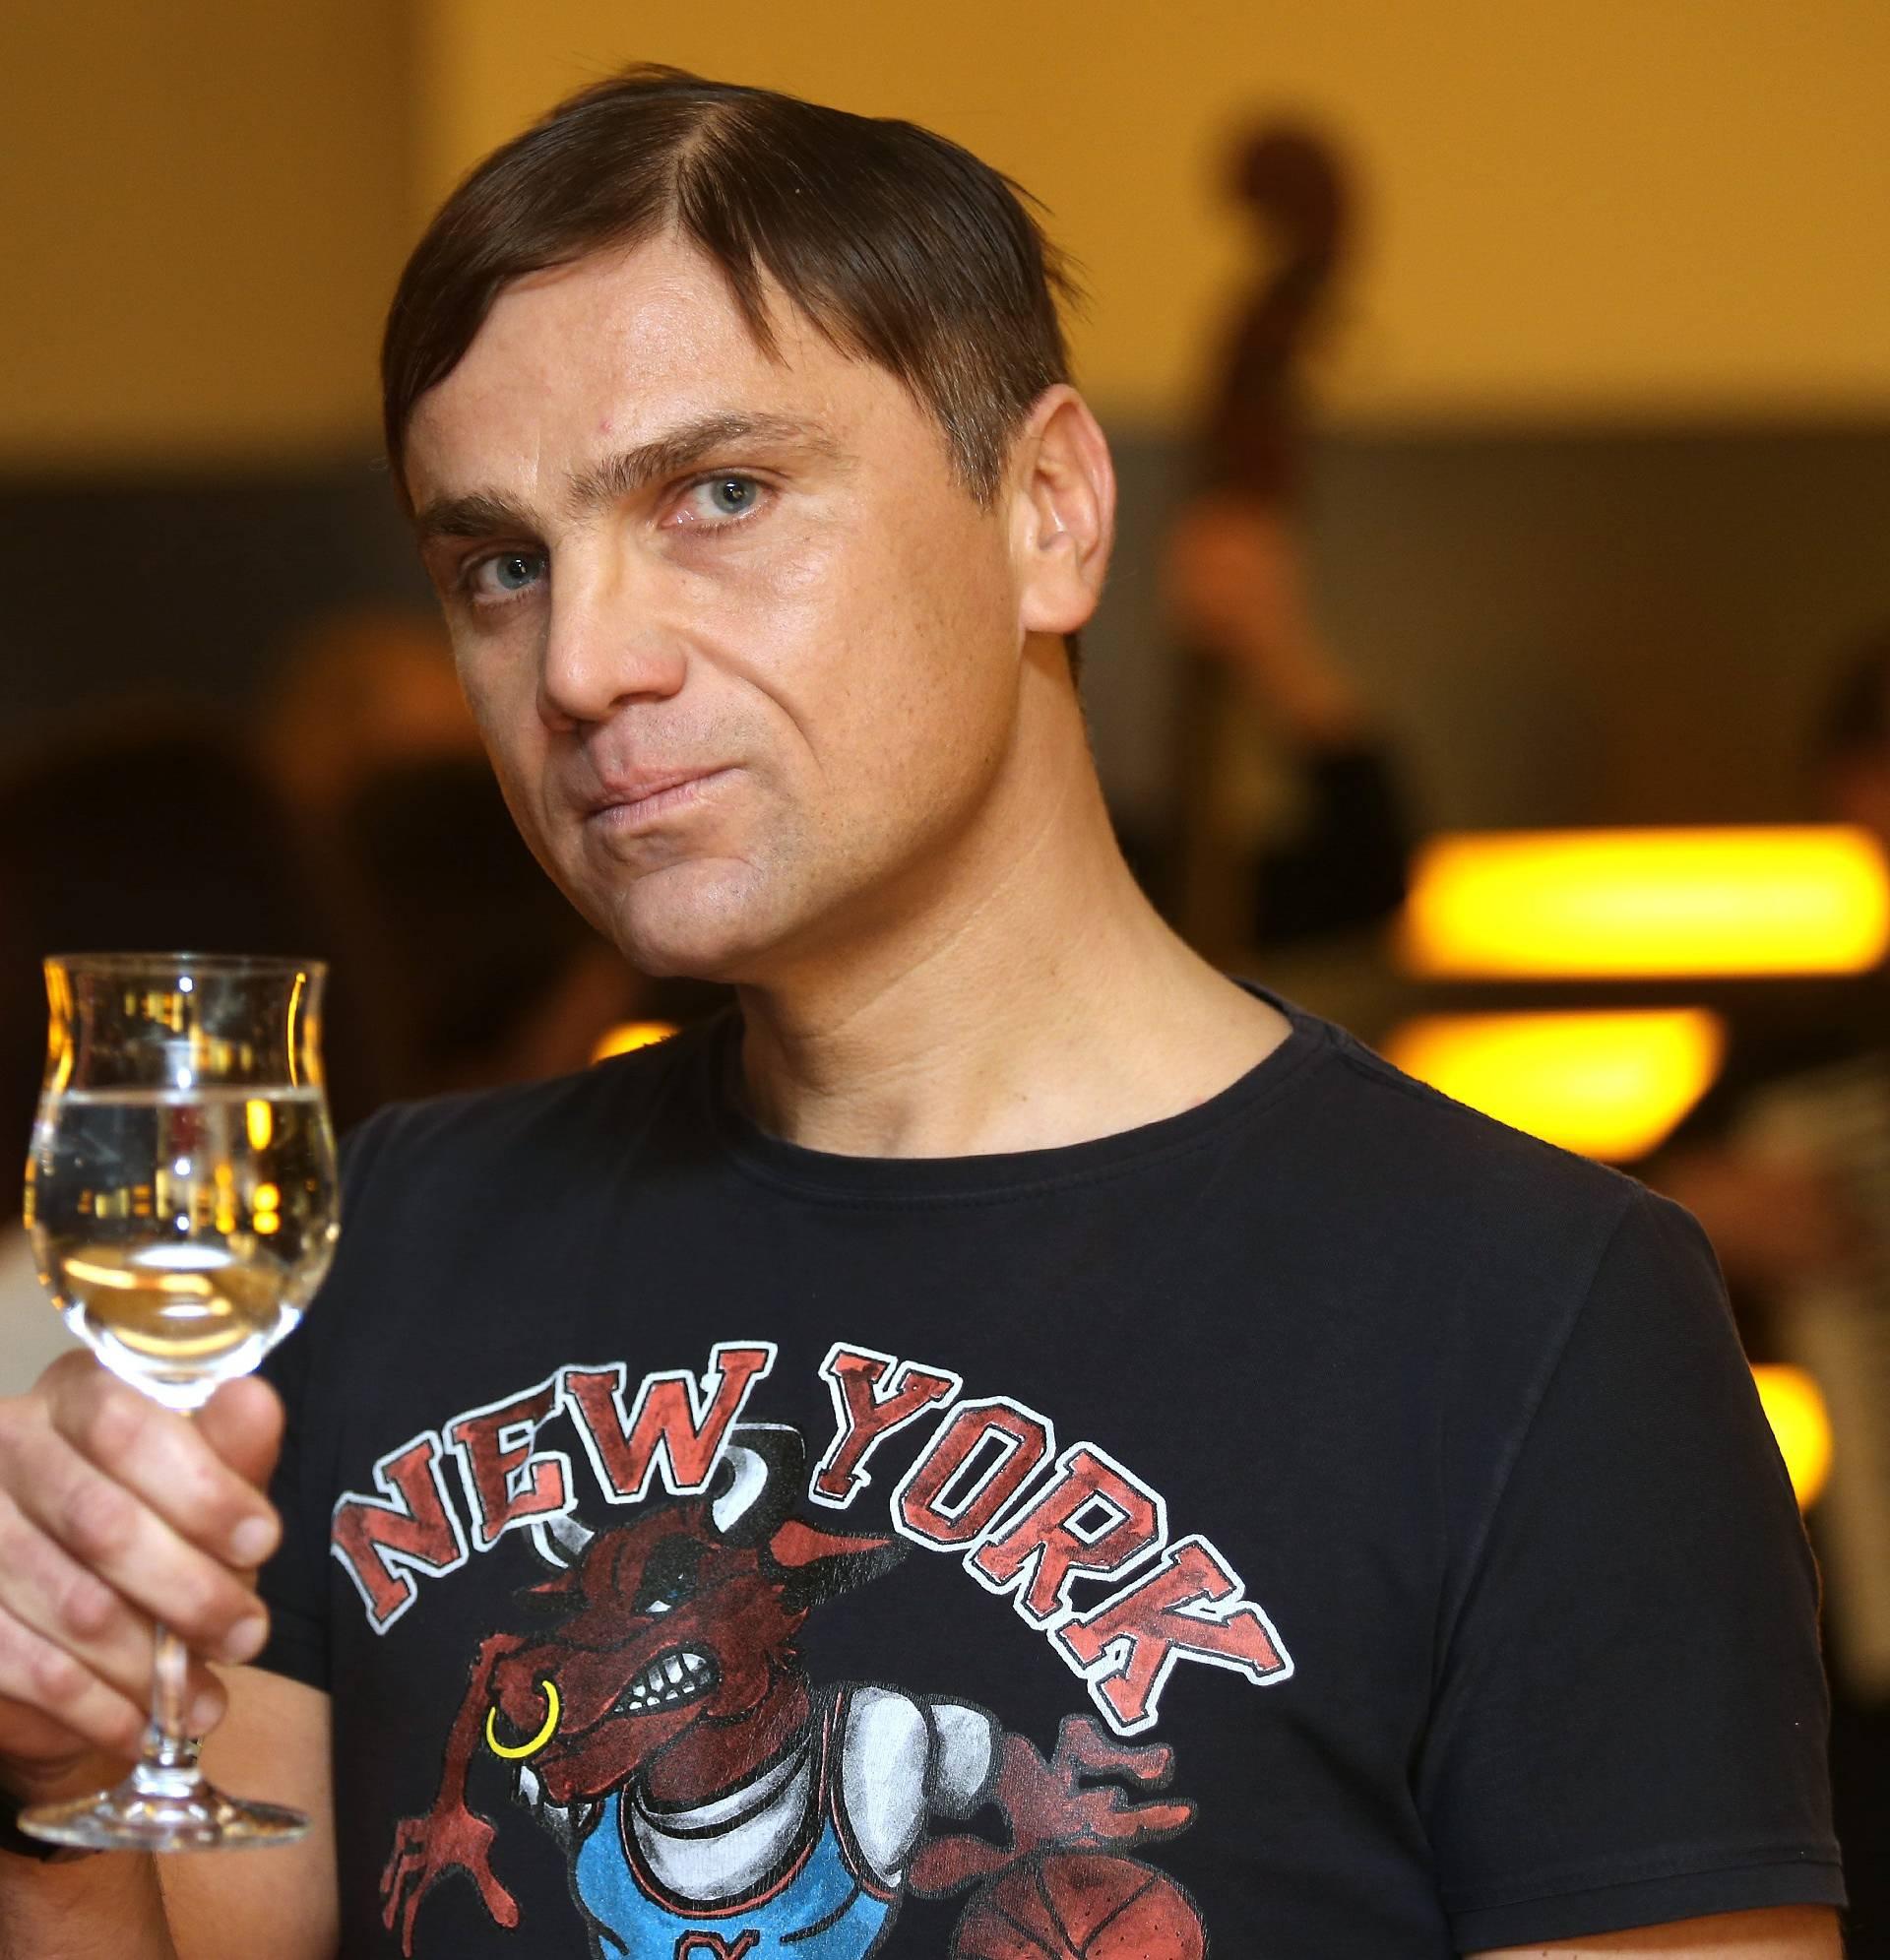 Dani tuge za Antu Gotovca u Beogradu: 'Umiru mi prijatelji'